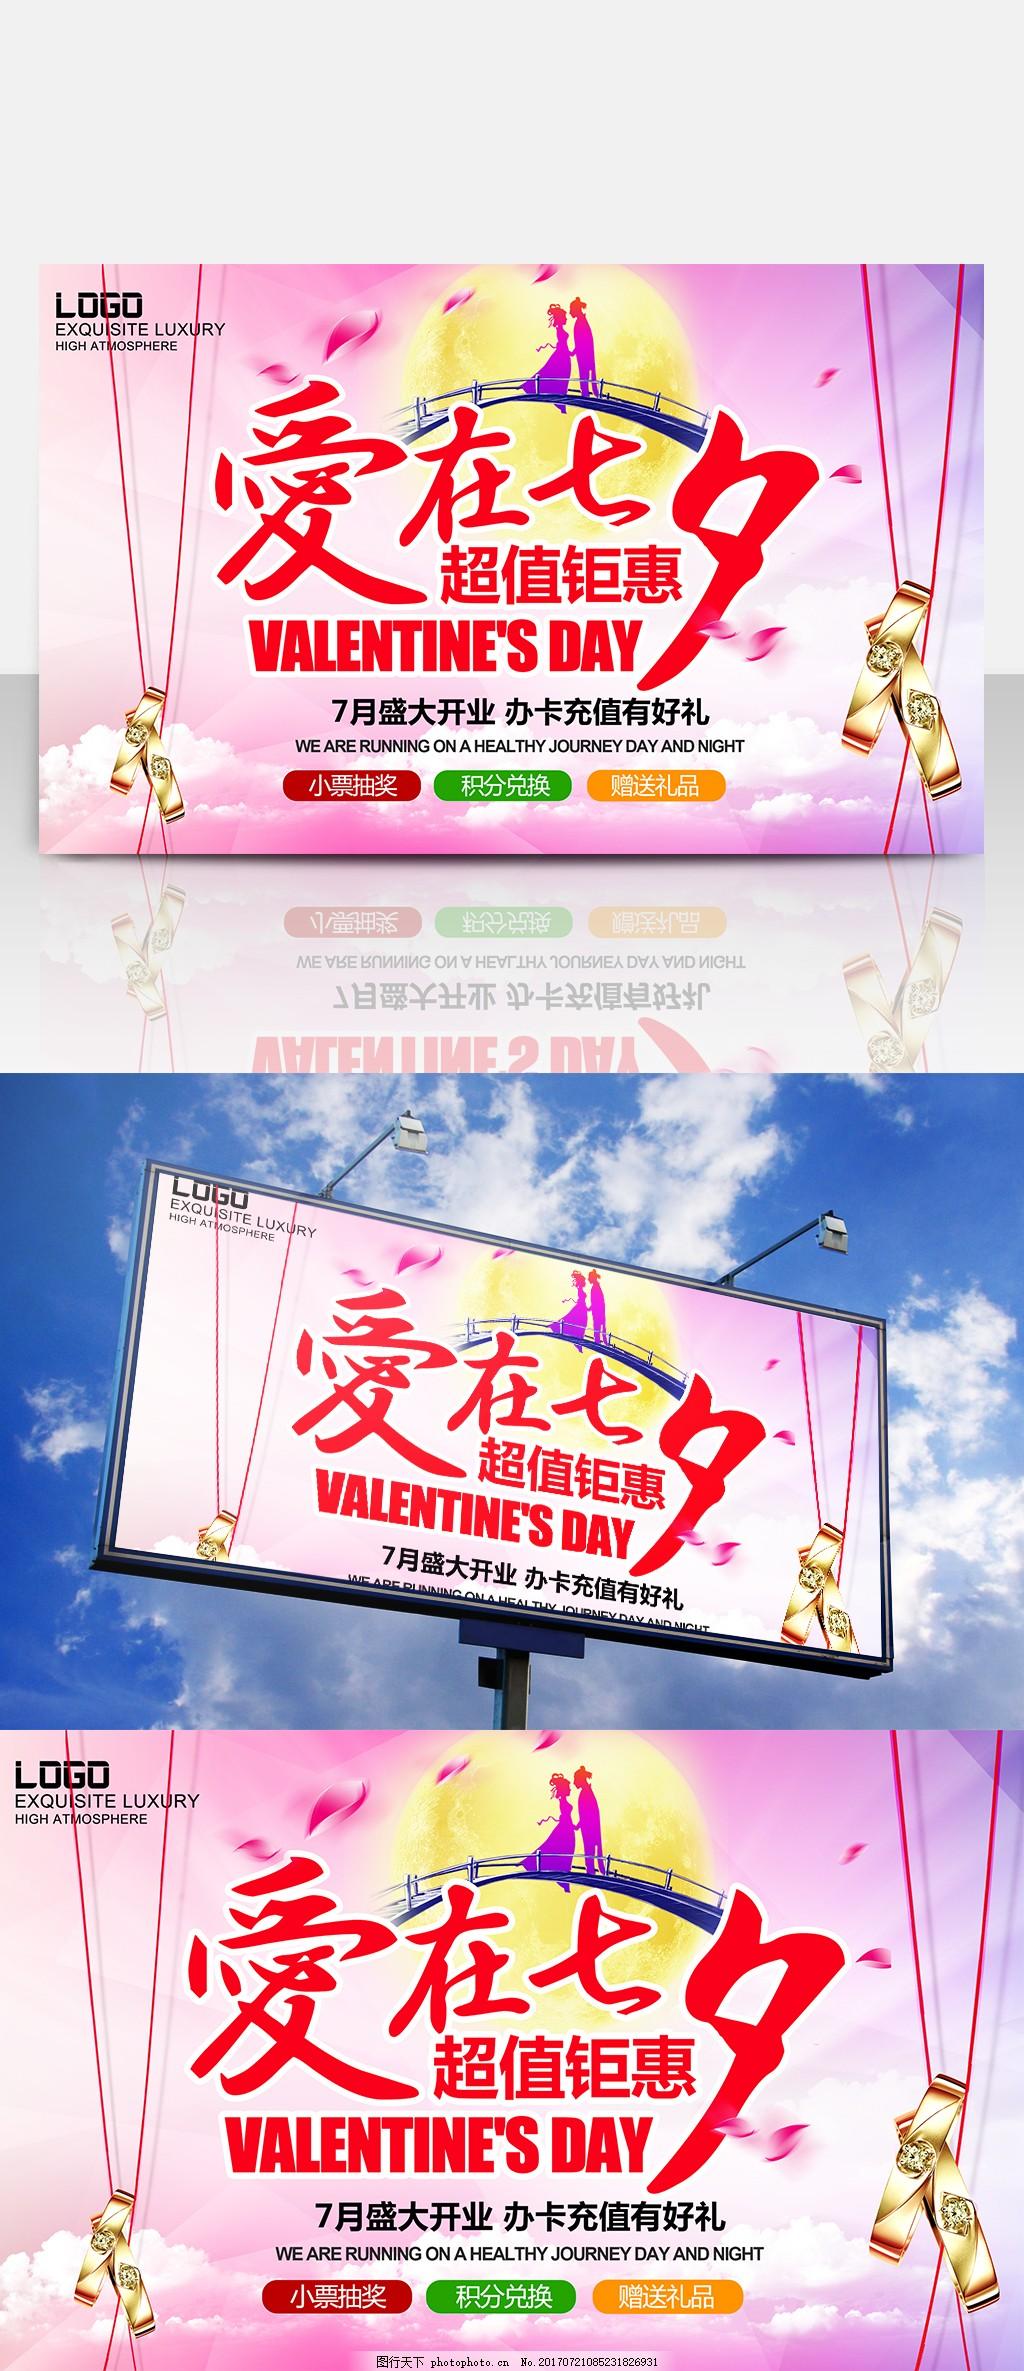 七夕节商场促销海报 节日海报 活动海报 情人节 七夕节 戒指 psd模板